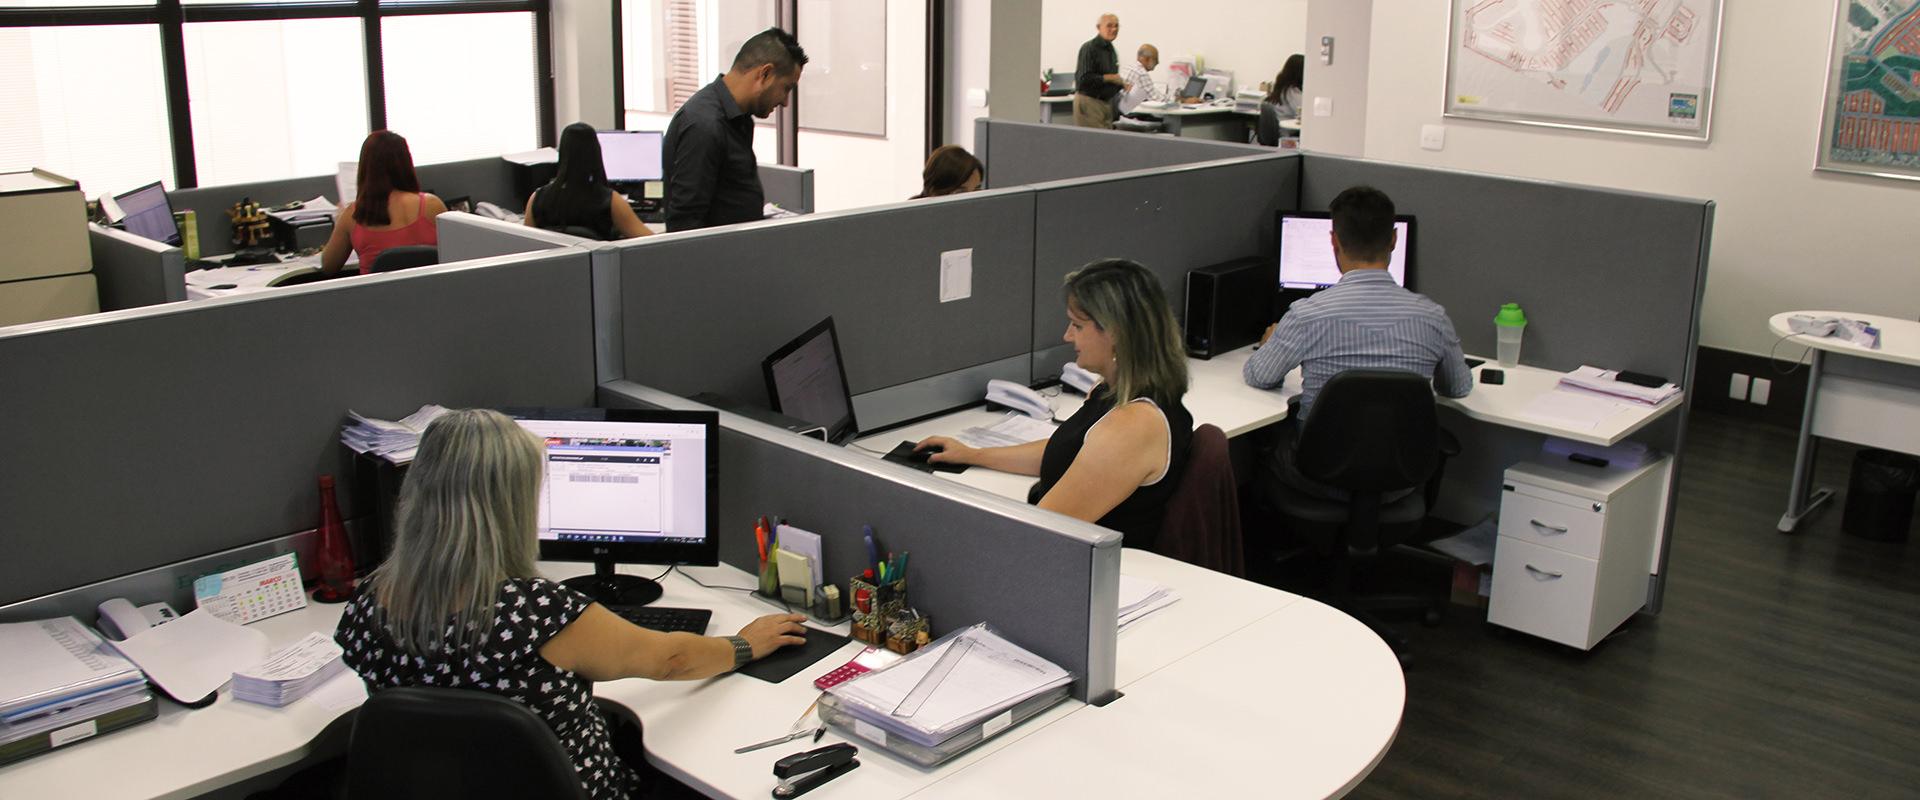 Pessoas trabalhando no escritório